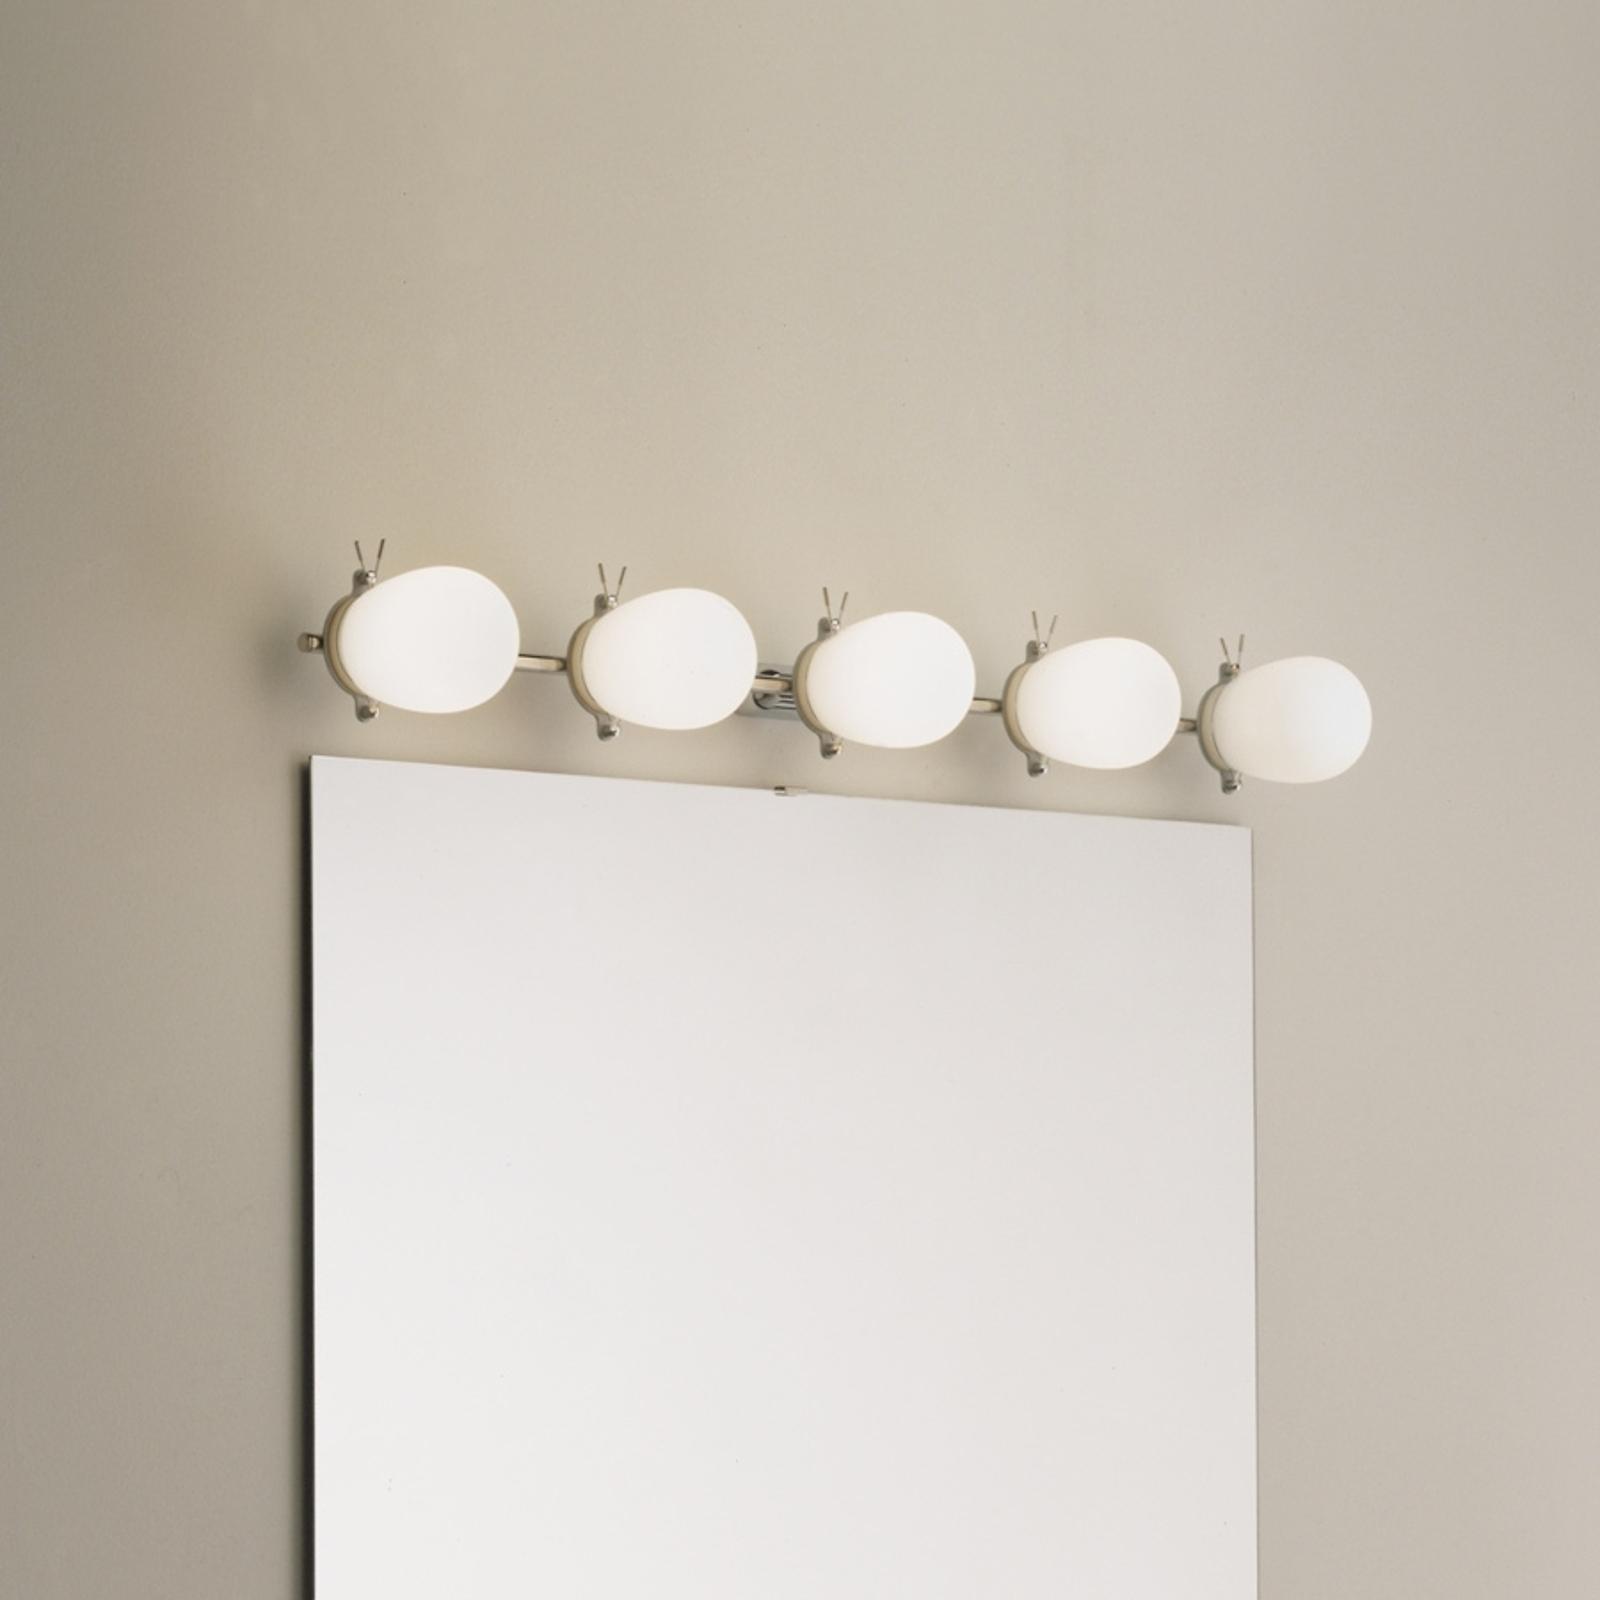 Kaunis kylpyhuoneen seinävalaisin Bano, 5 lamppua